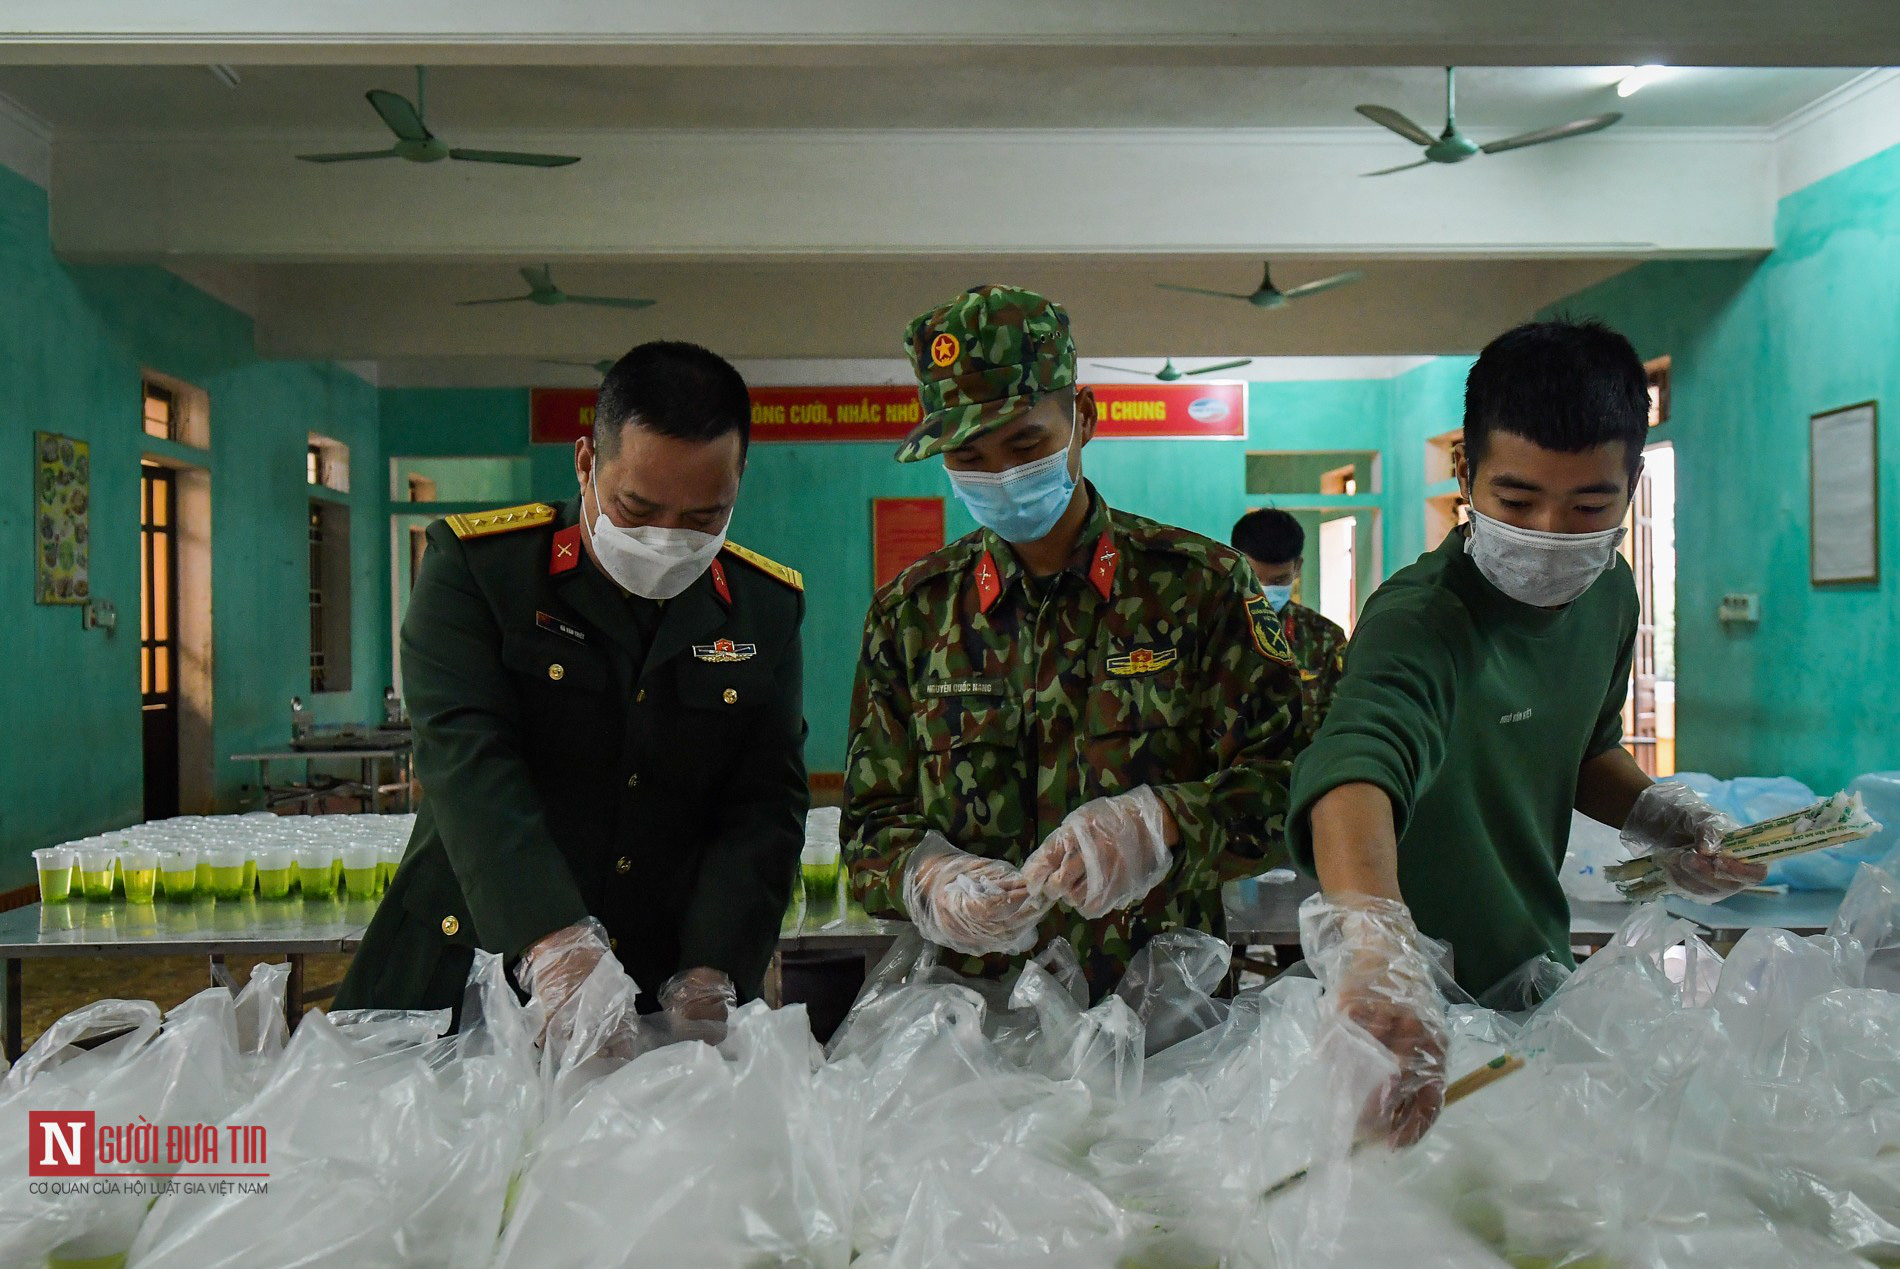 Lạng Sơn: Nhộn nhịp căn bếp ấm tình quân dân tại trại cách ly - Ảnh 14.